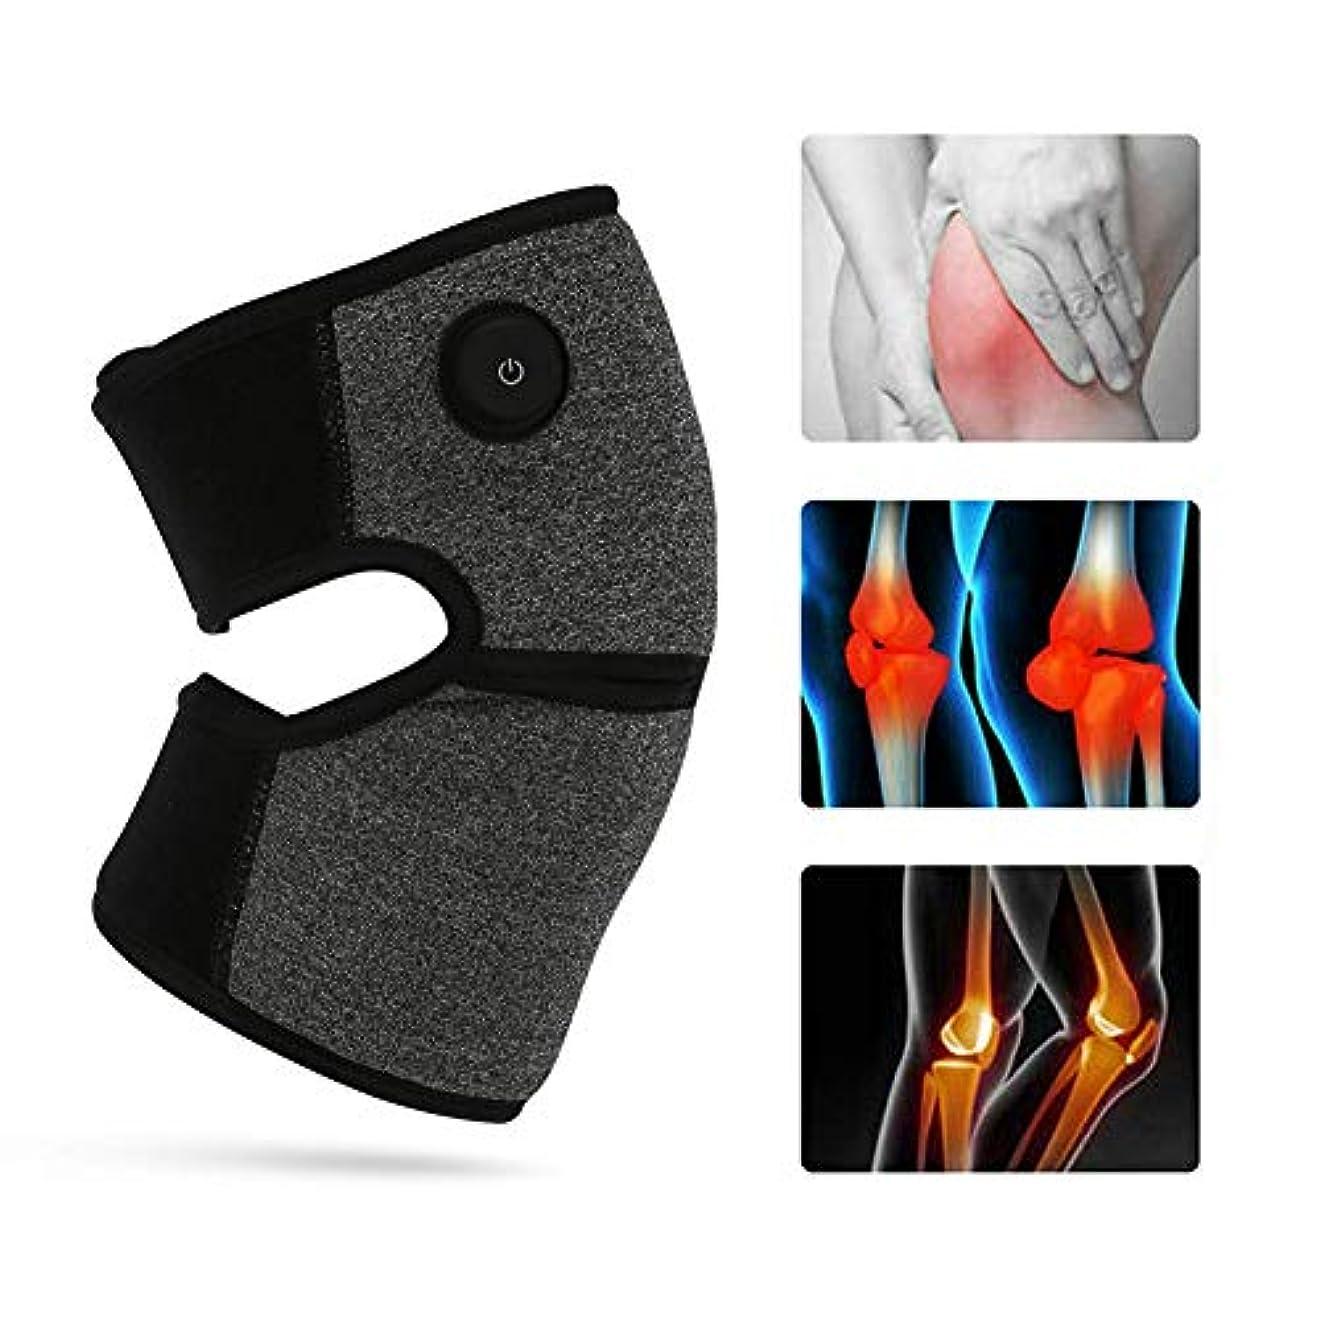 スタイル六分儀スマッシュ電気加熱膝パッド加熱膝ブレースラップサポート療法ホット圧縮3ファイル温度で関節炎膝の痛み,1pc